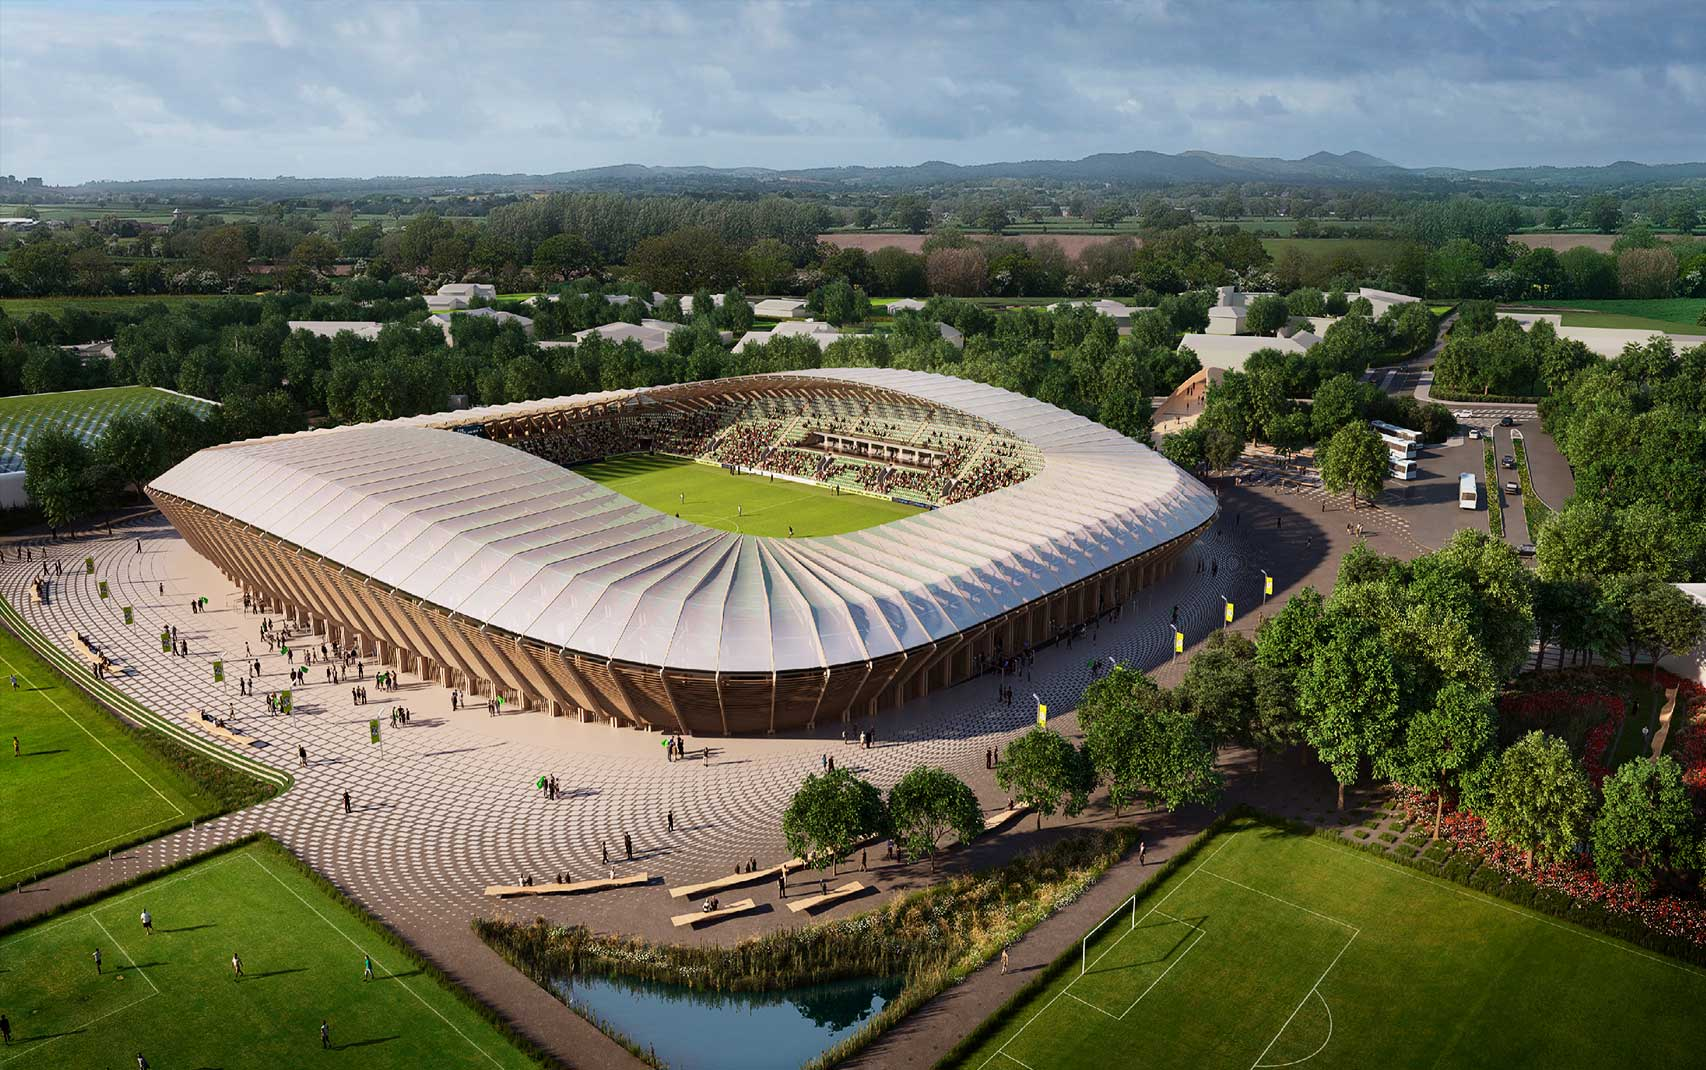 Углекислый газ может затопить стадионы Англии уже в 2050-м. Как мир подходит к новой глобальной проблеме